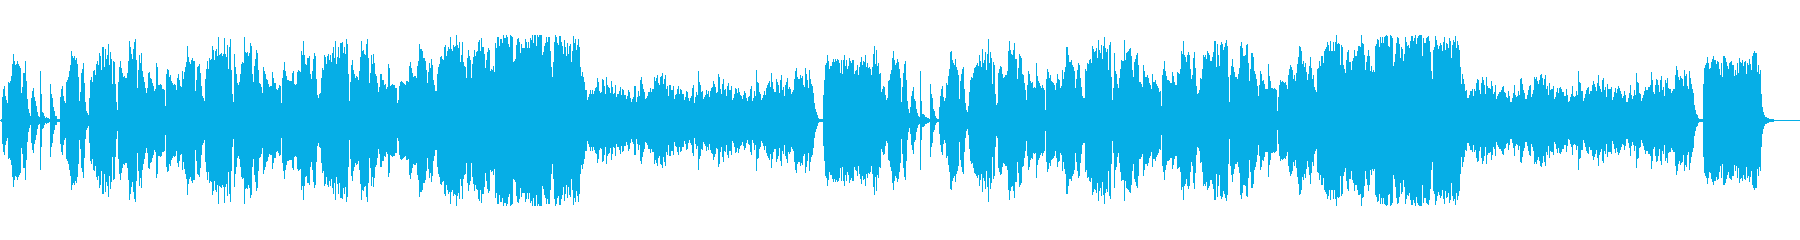 木管楽器を中心とした不気味な曲の再生済みの波形